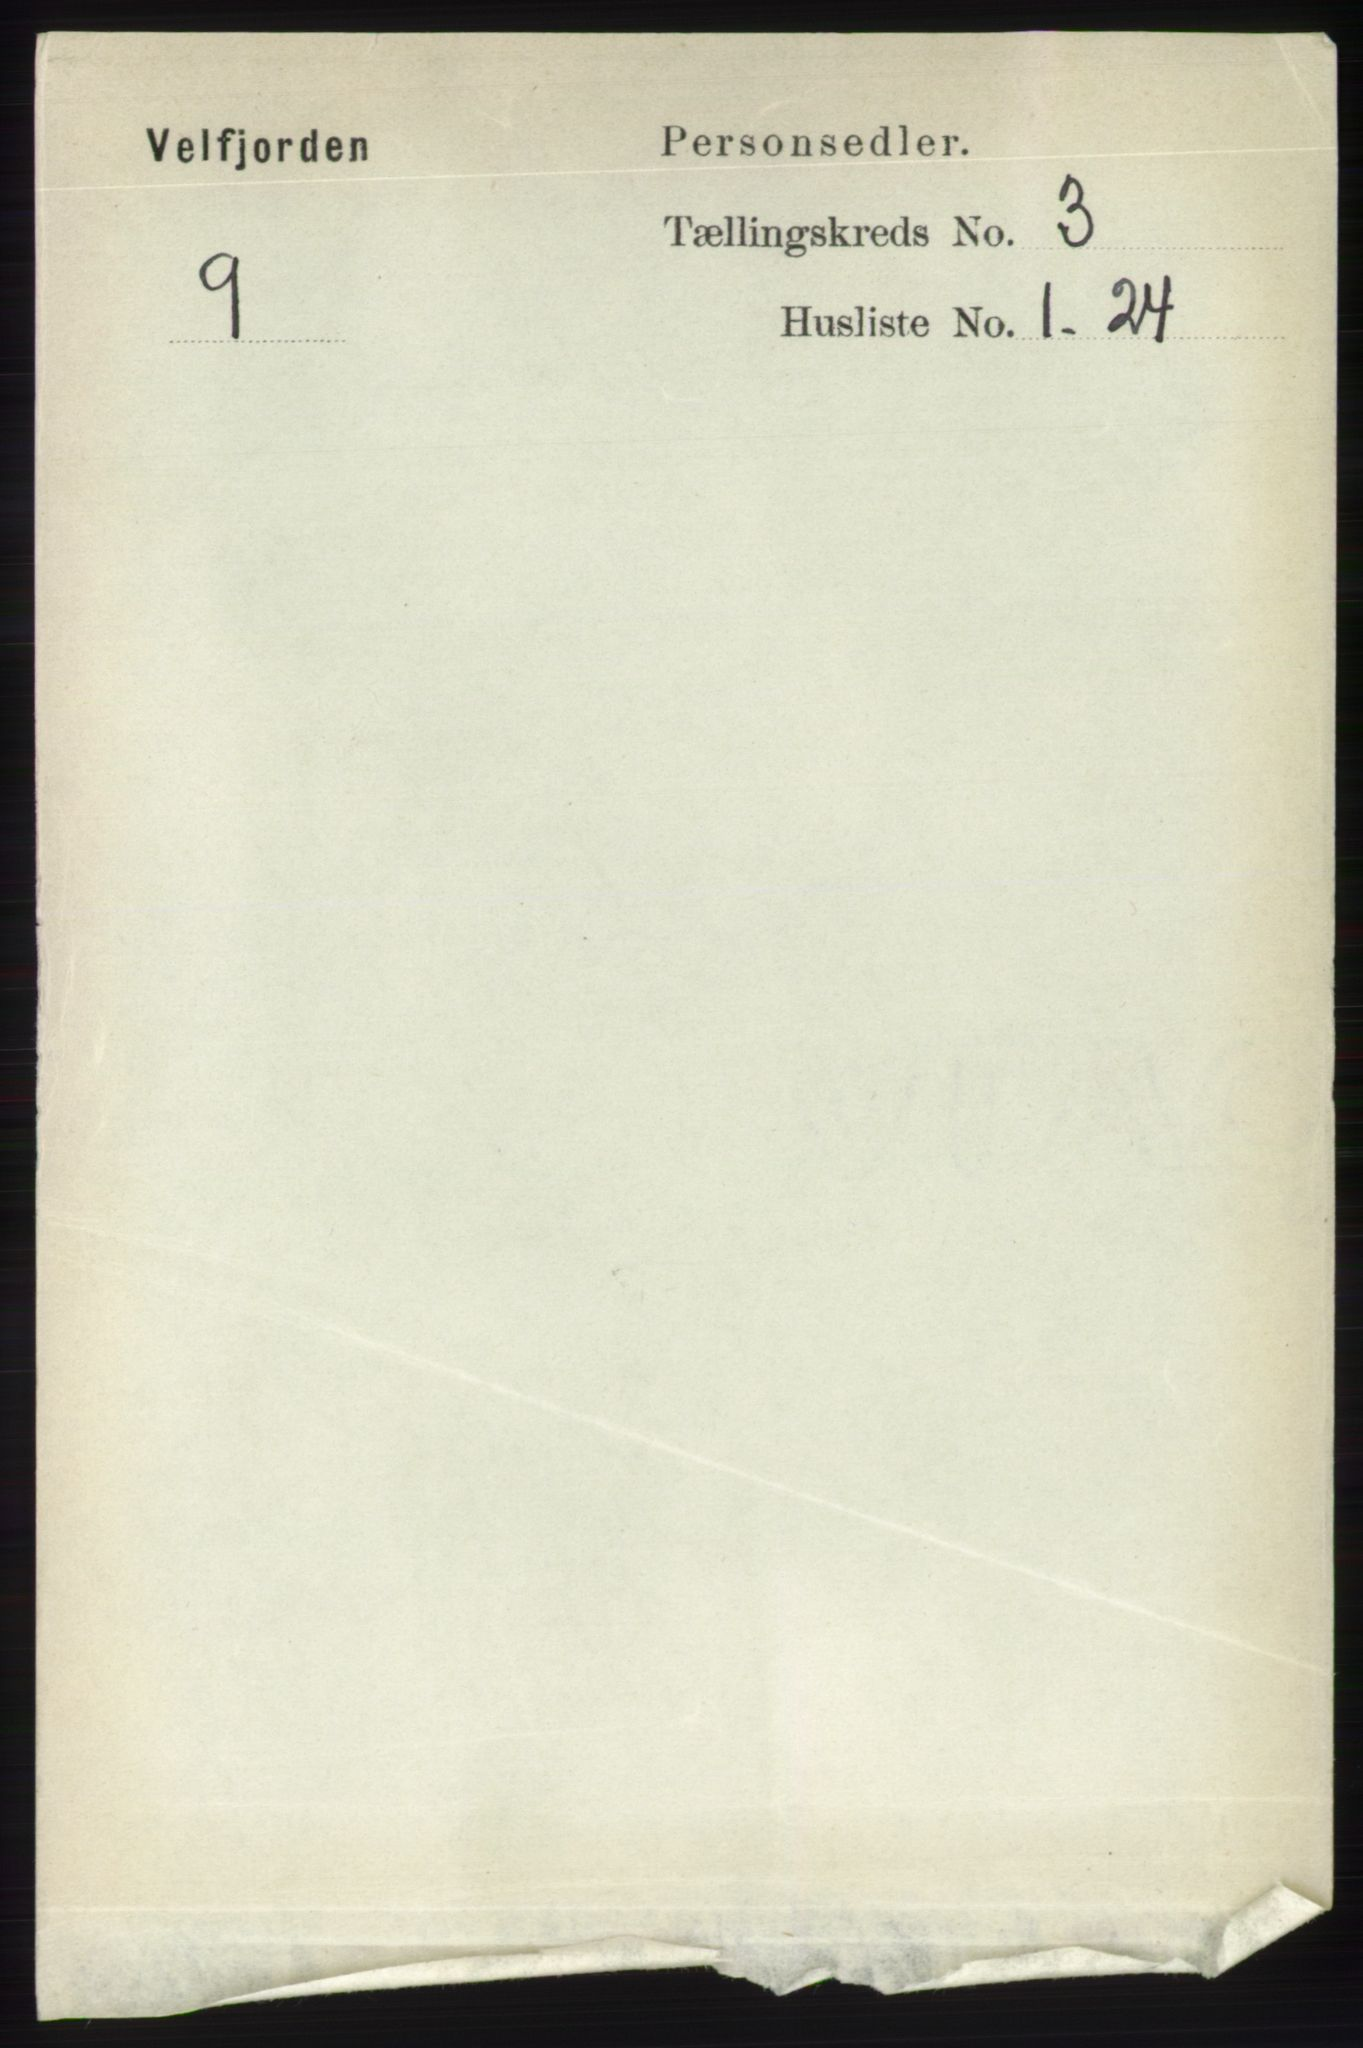 RA, Folketelling 1891 for 1813 Velfjord herred, 1891, s. 1029